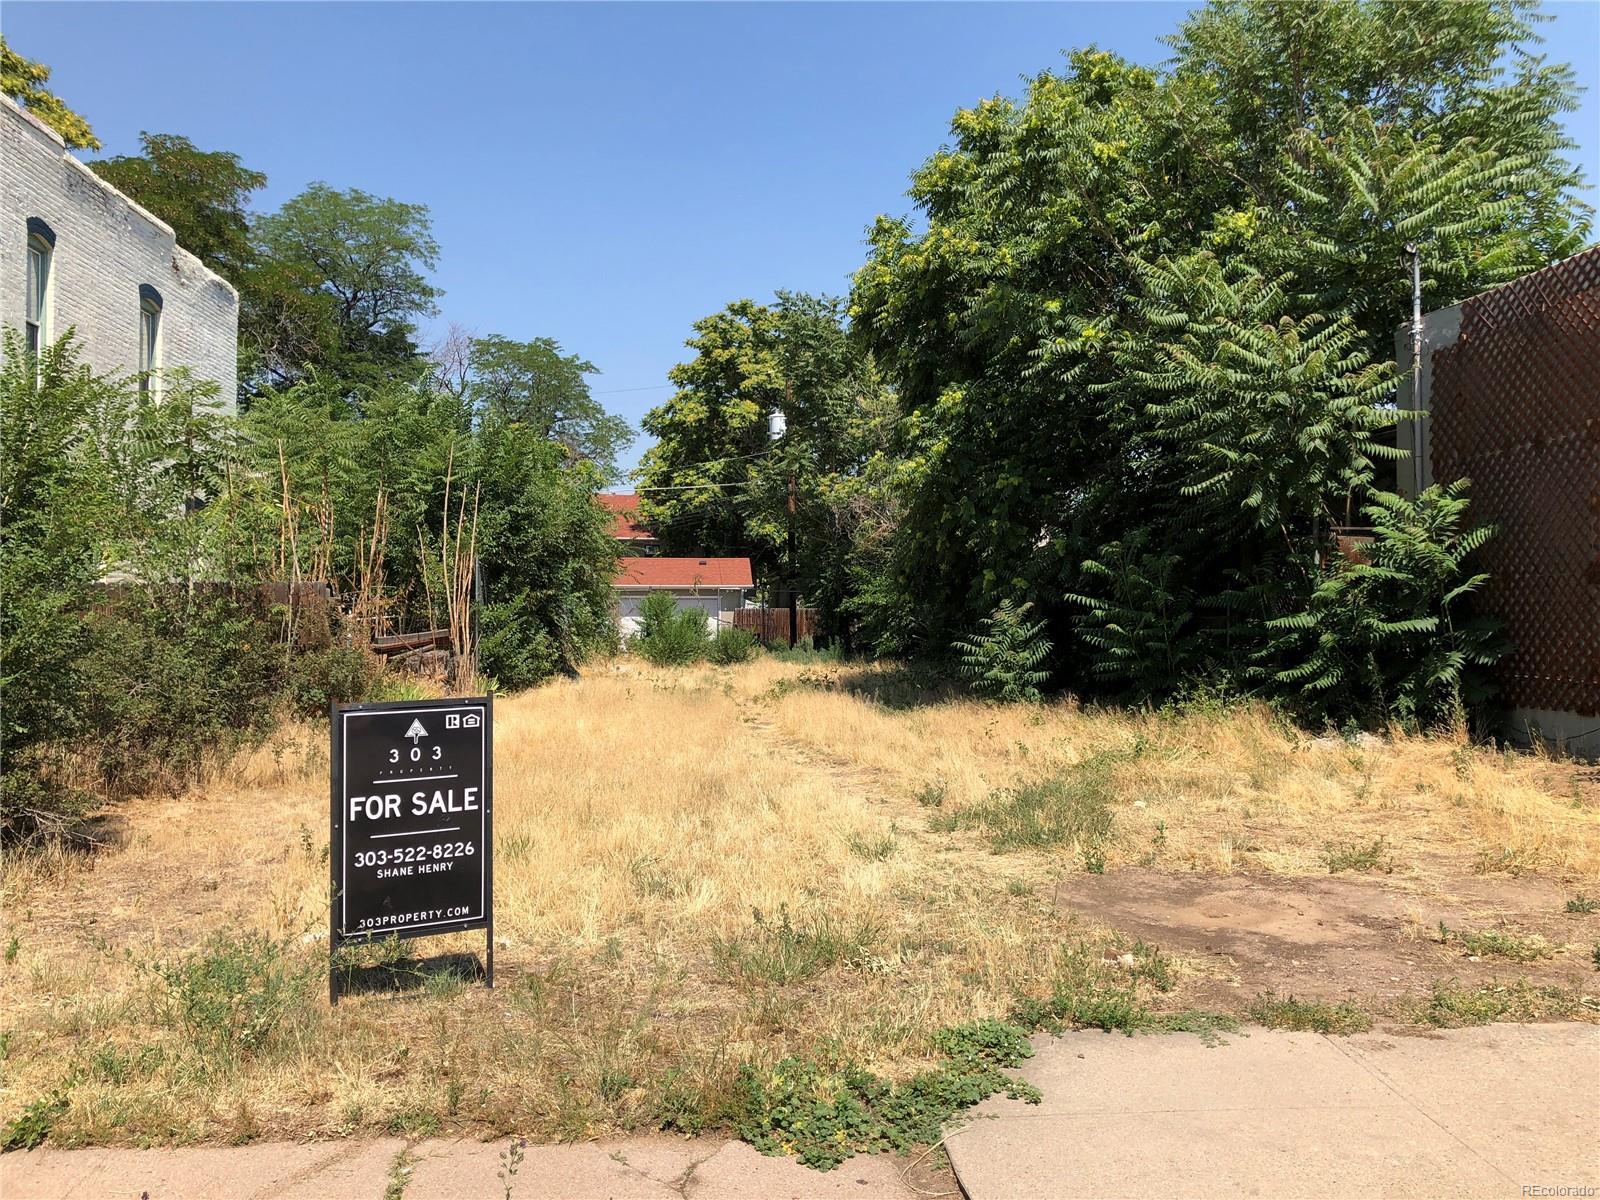 3255 Champa Street, Denver, CO 80205 - Denver, CO real estate listing